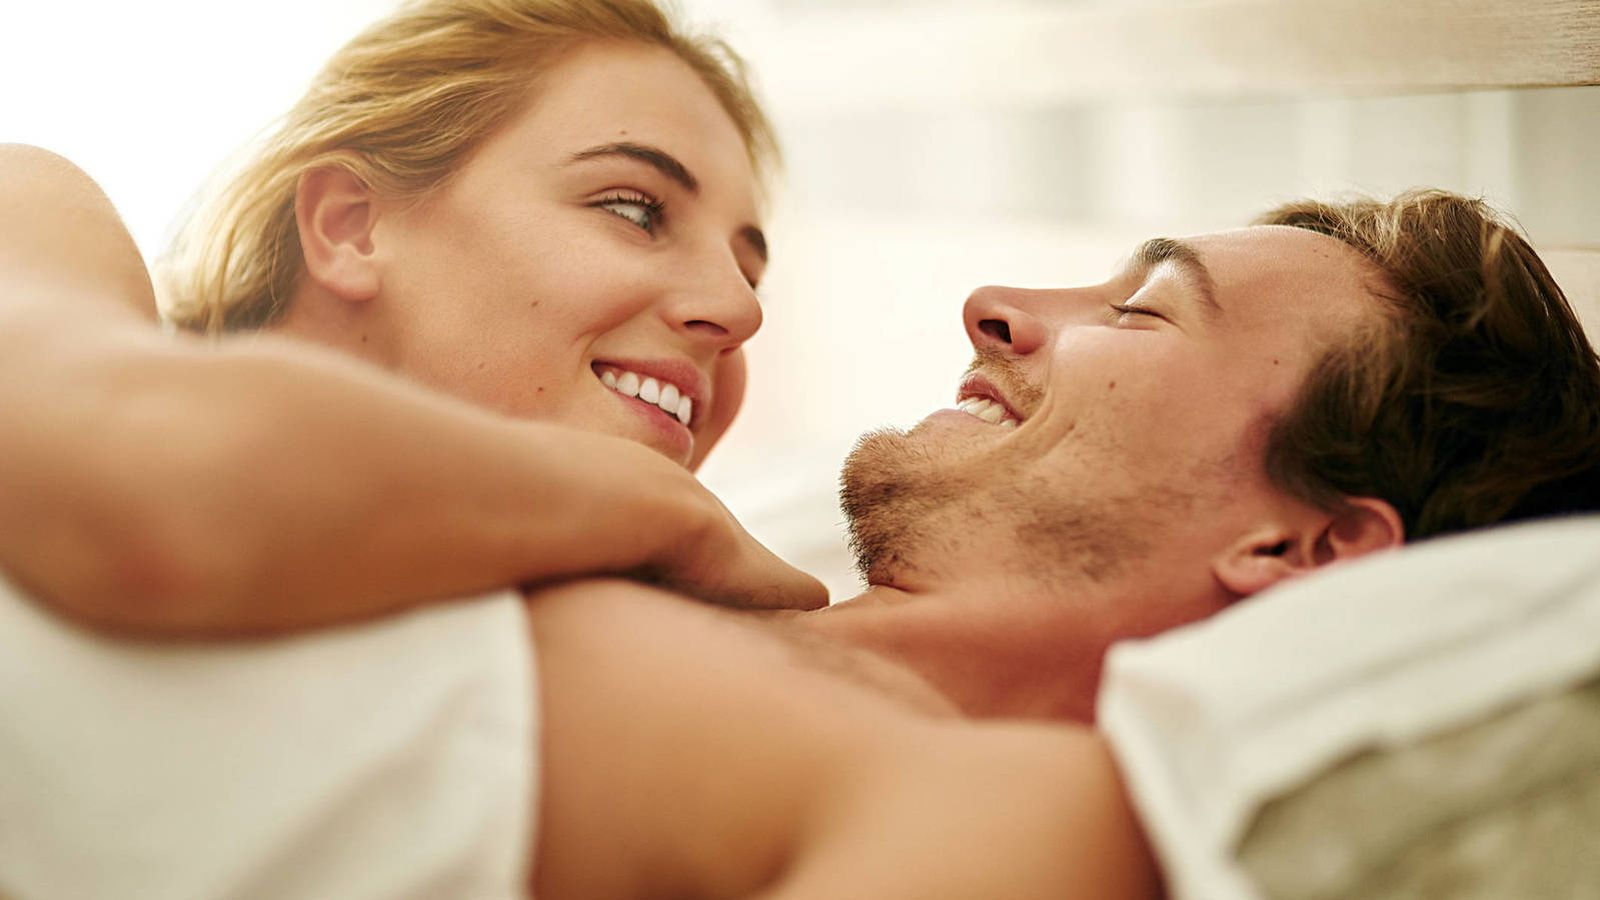 Relaciones De Pareja 4 Cosas Sobre El Sexo Que Las Mujeres